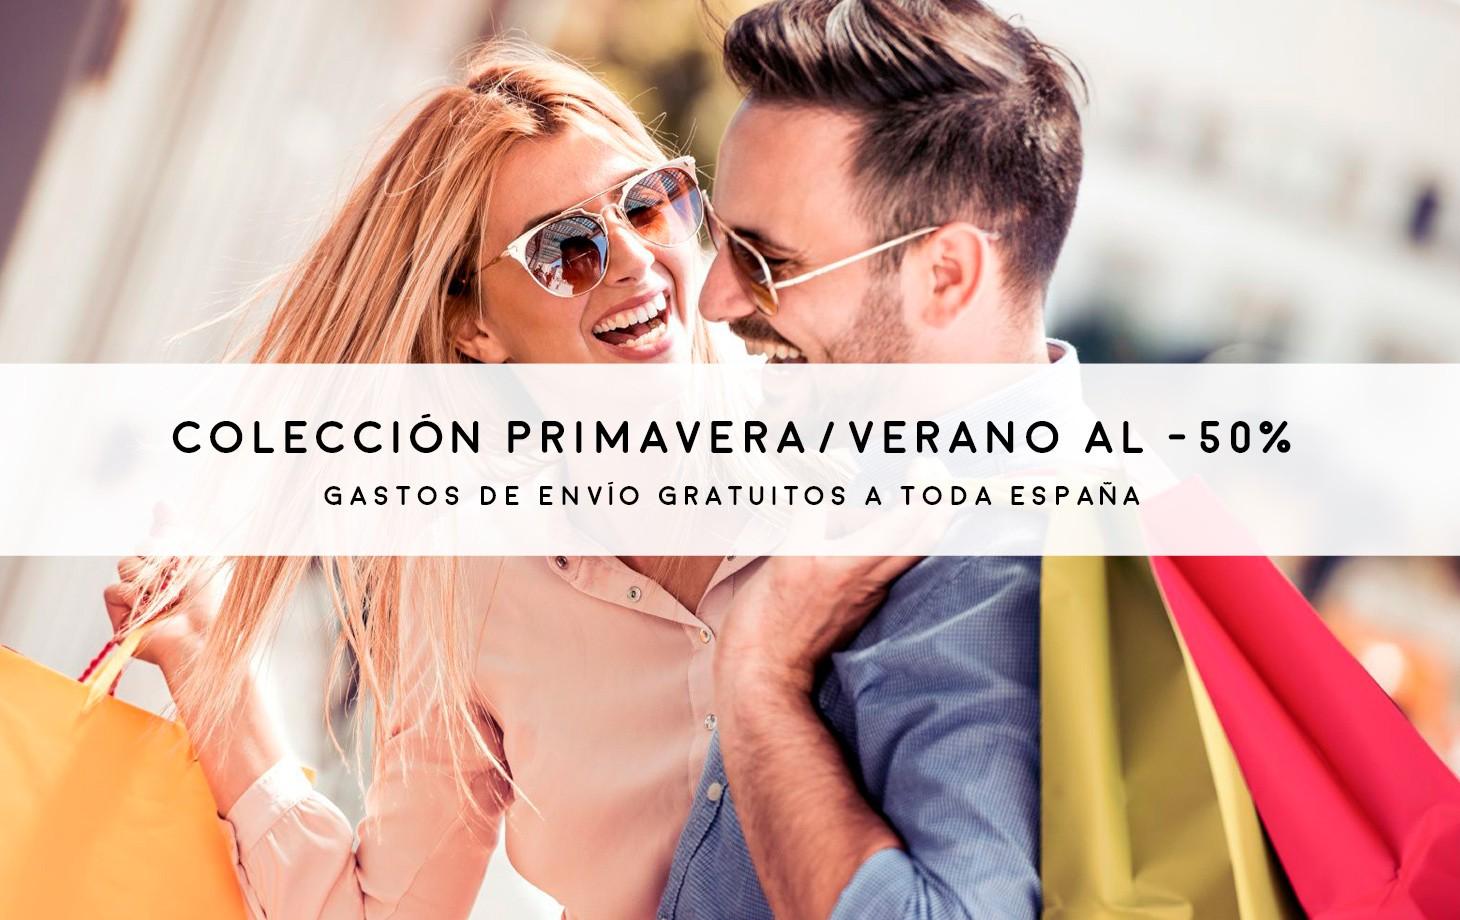 Colección primavera verano al -50%. Gastos de envío GRATUITOS a toda la España.